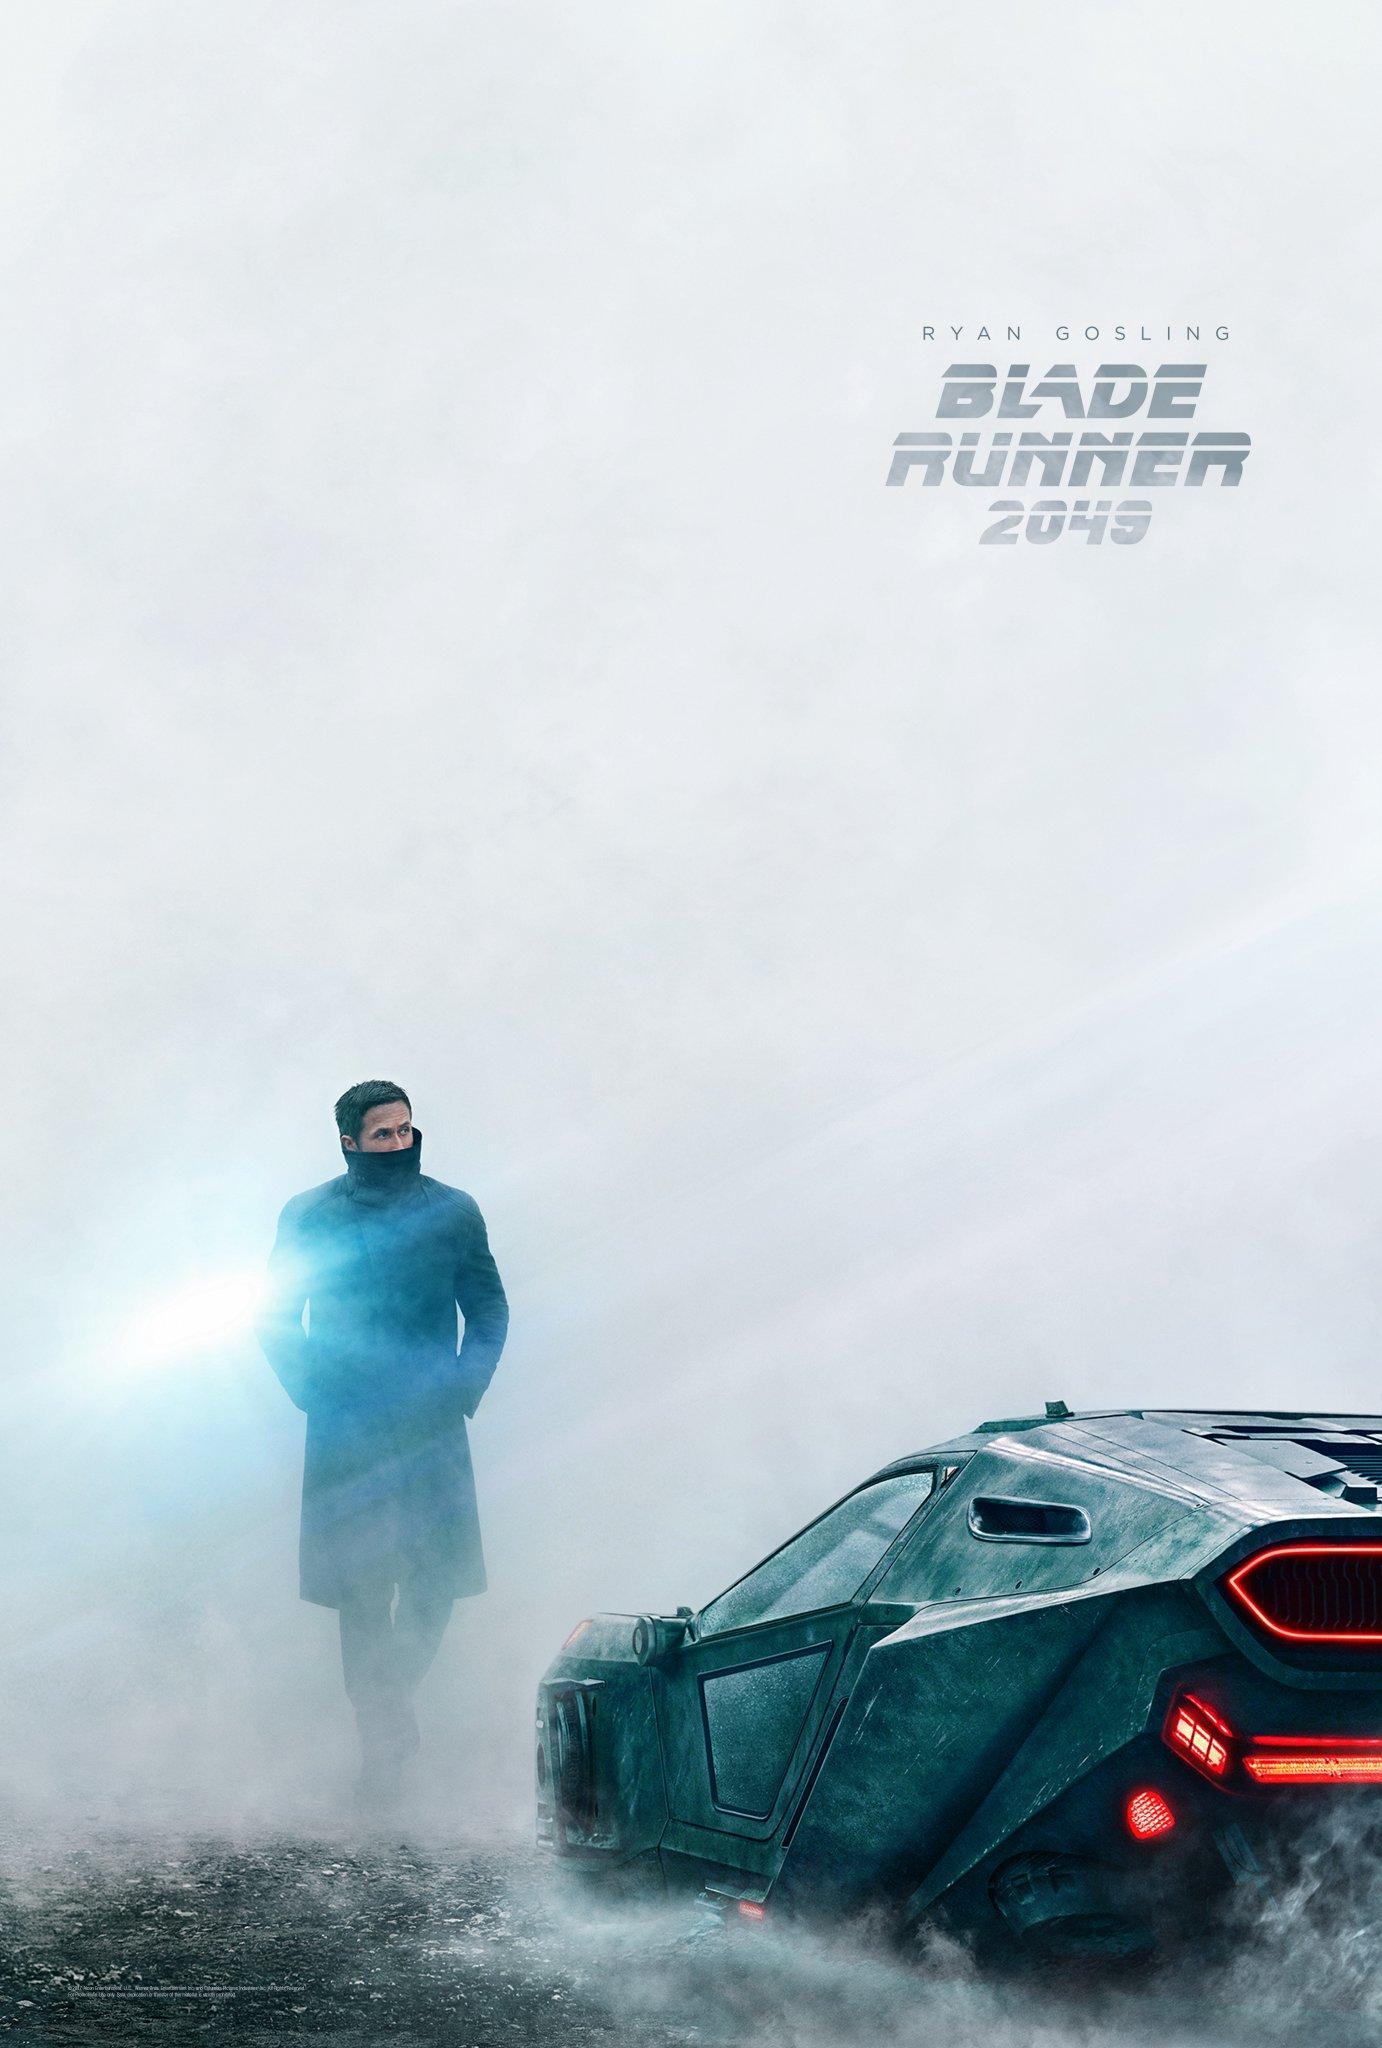 BLADE RUNNER 2049 - DVD